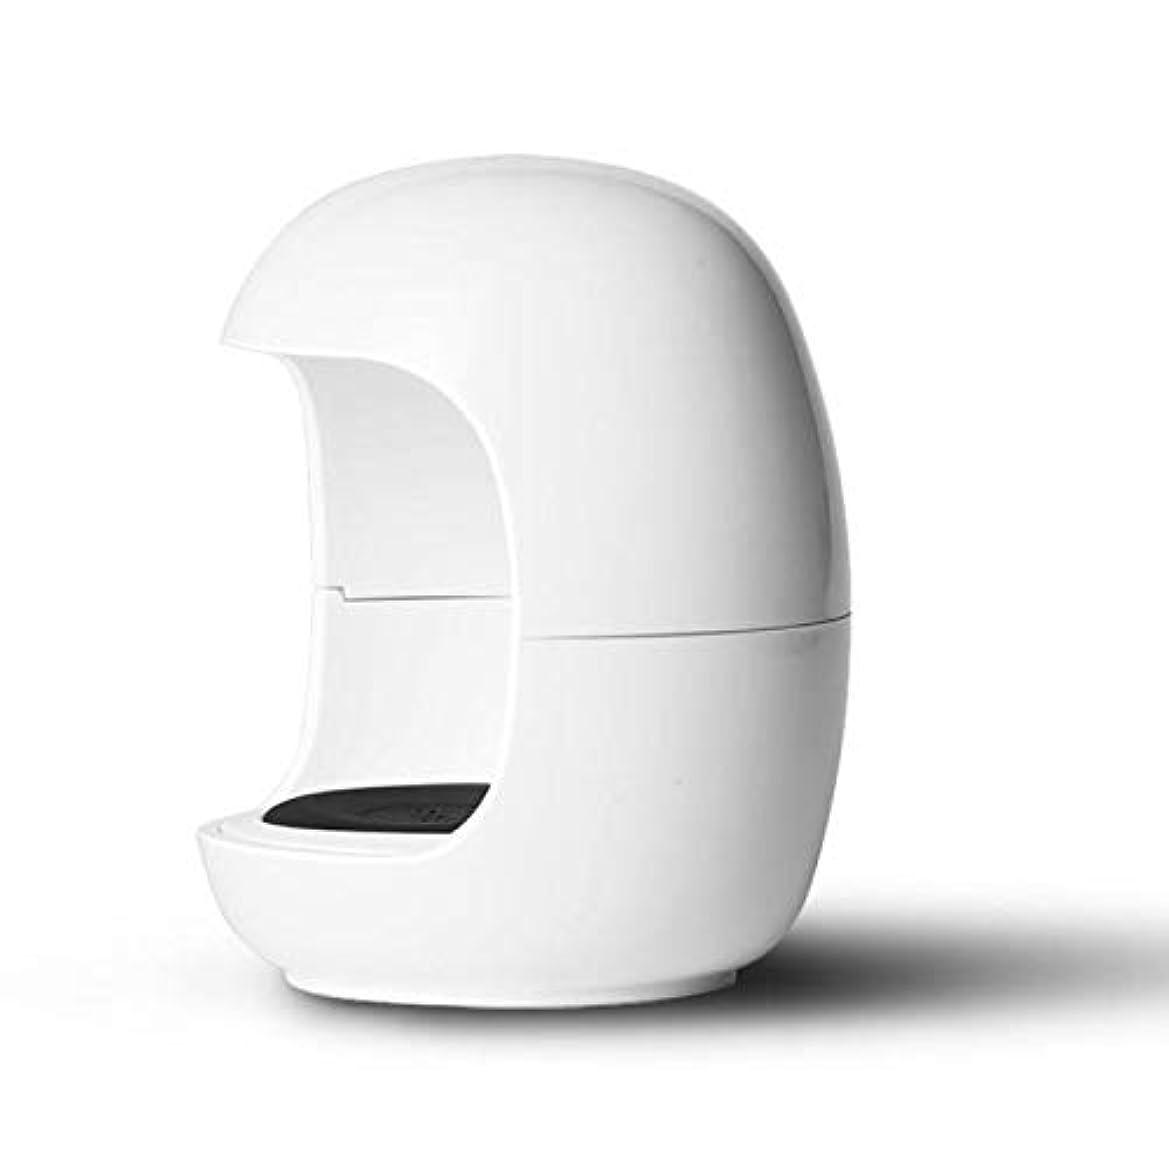 Cikuso 新しい卵形状 ネイルuvランプ ミニポケットジェルネイルポリッシュドライヤー ポータブル シングルネイルLED uv硬化ライトランプ